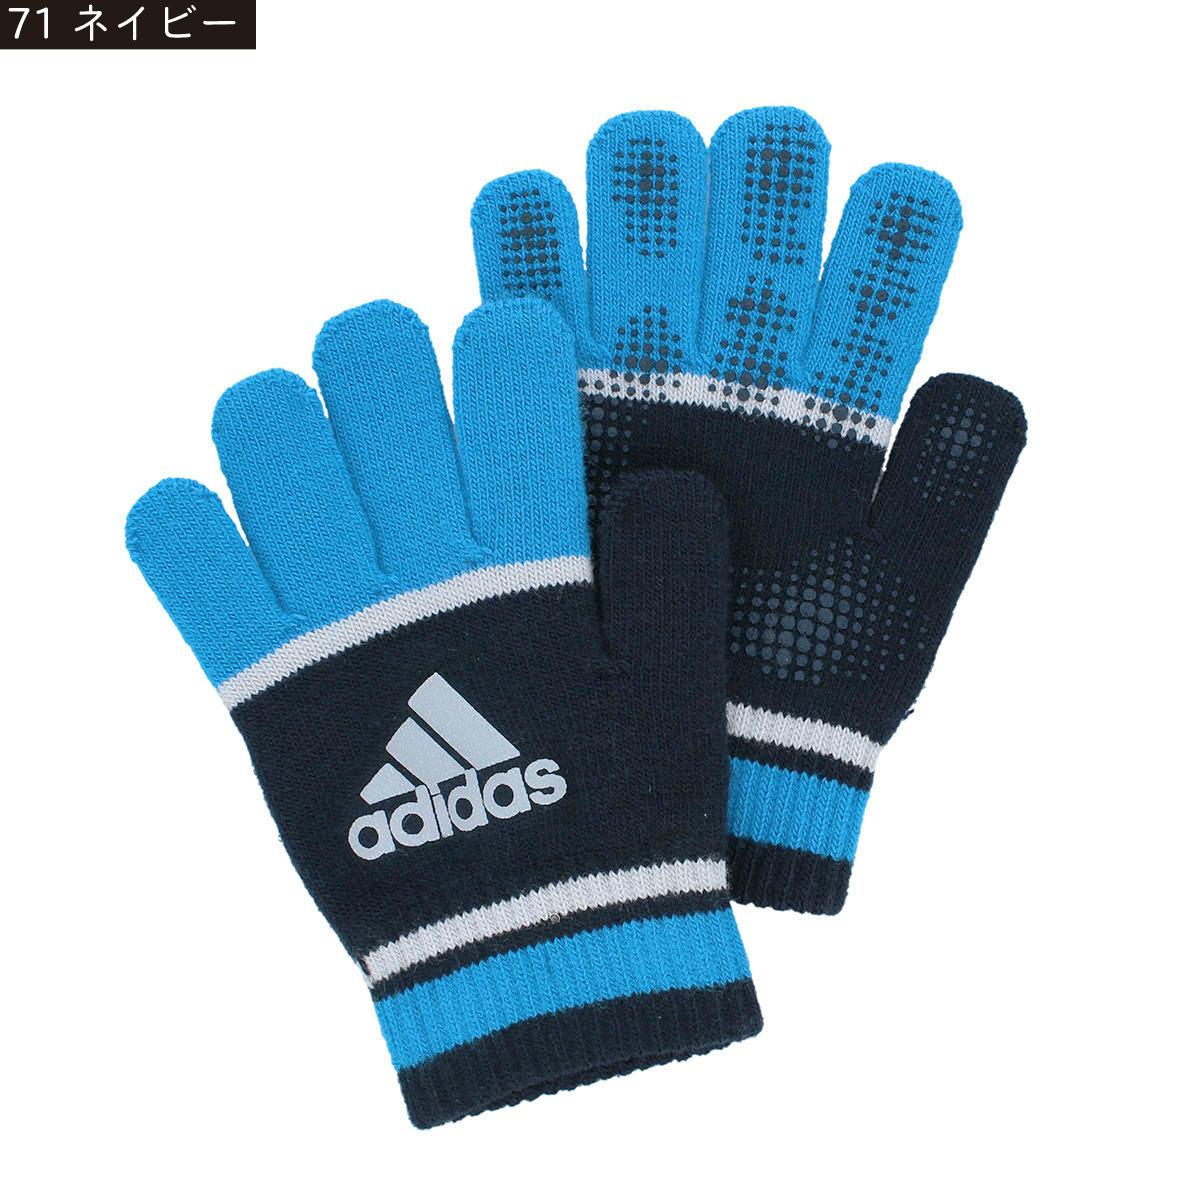 アディダス キッズ ボーイズ のびのび ニット手袋 Sサイズ 日本製 スポーツ 通学 通園 LOGO反射プリント